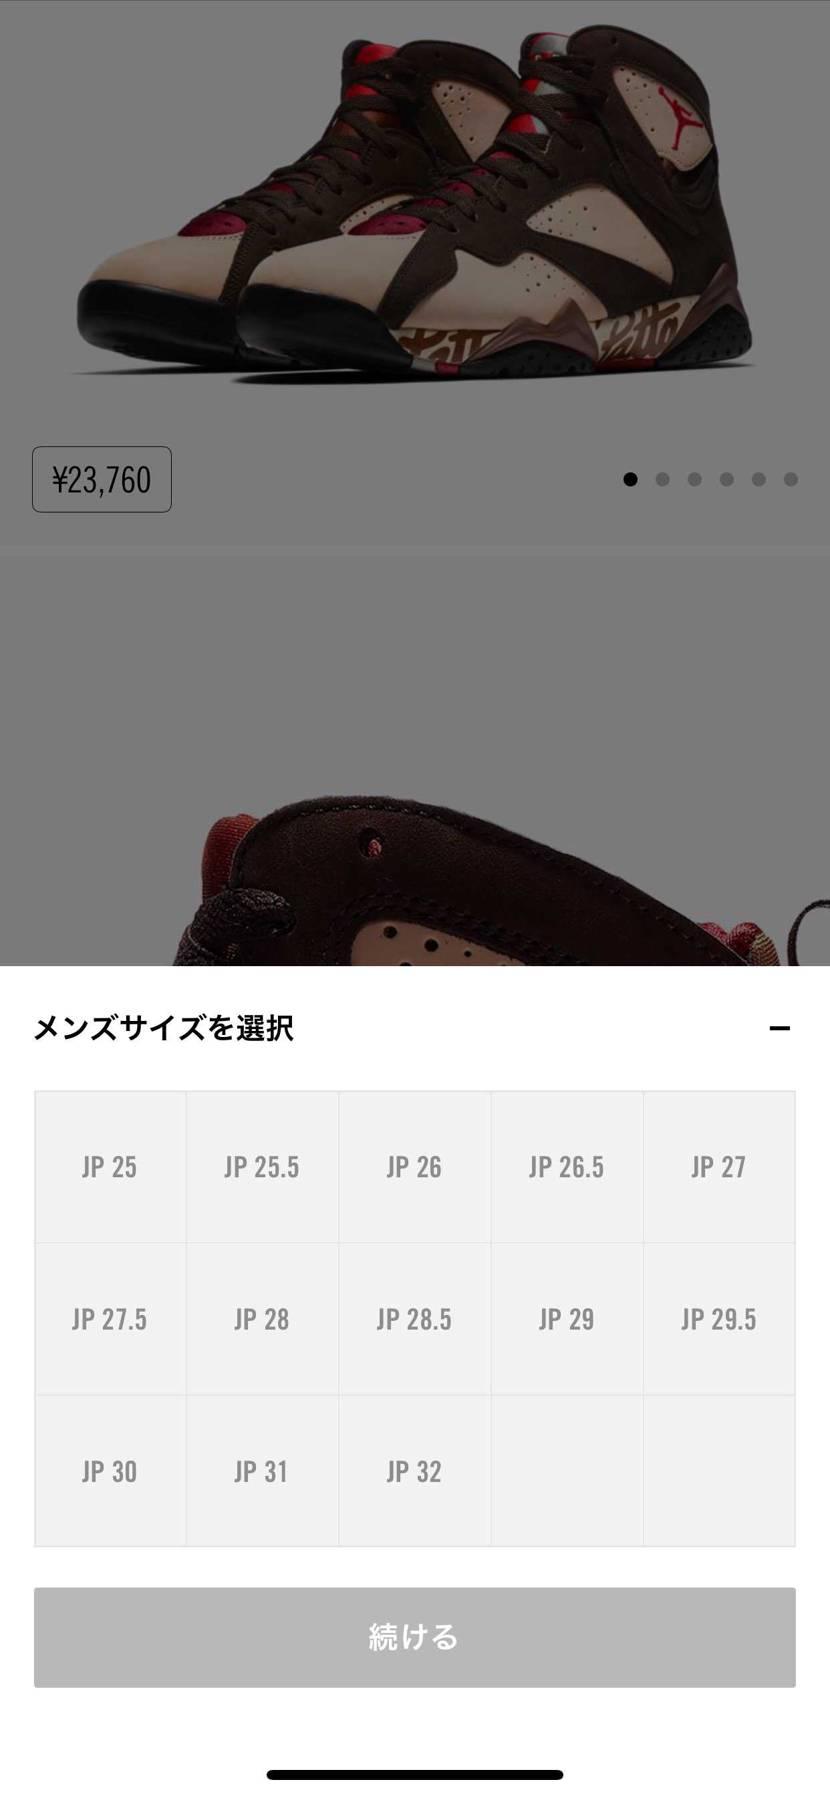 初オファー!! …もうないっていうね(´・_・`)